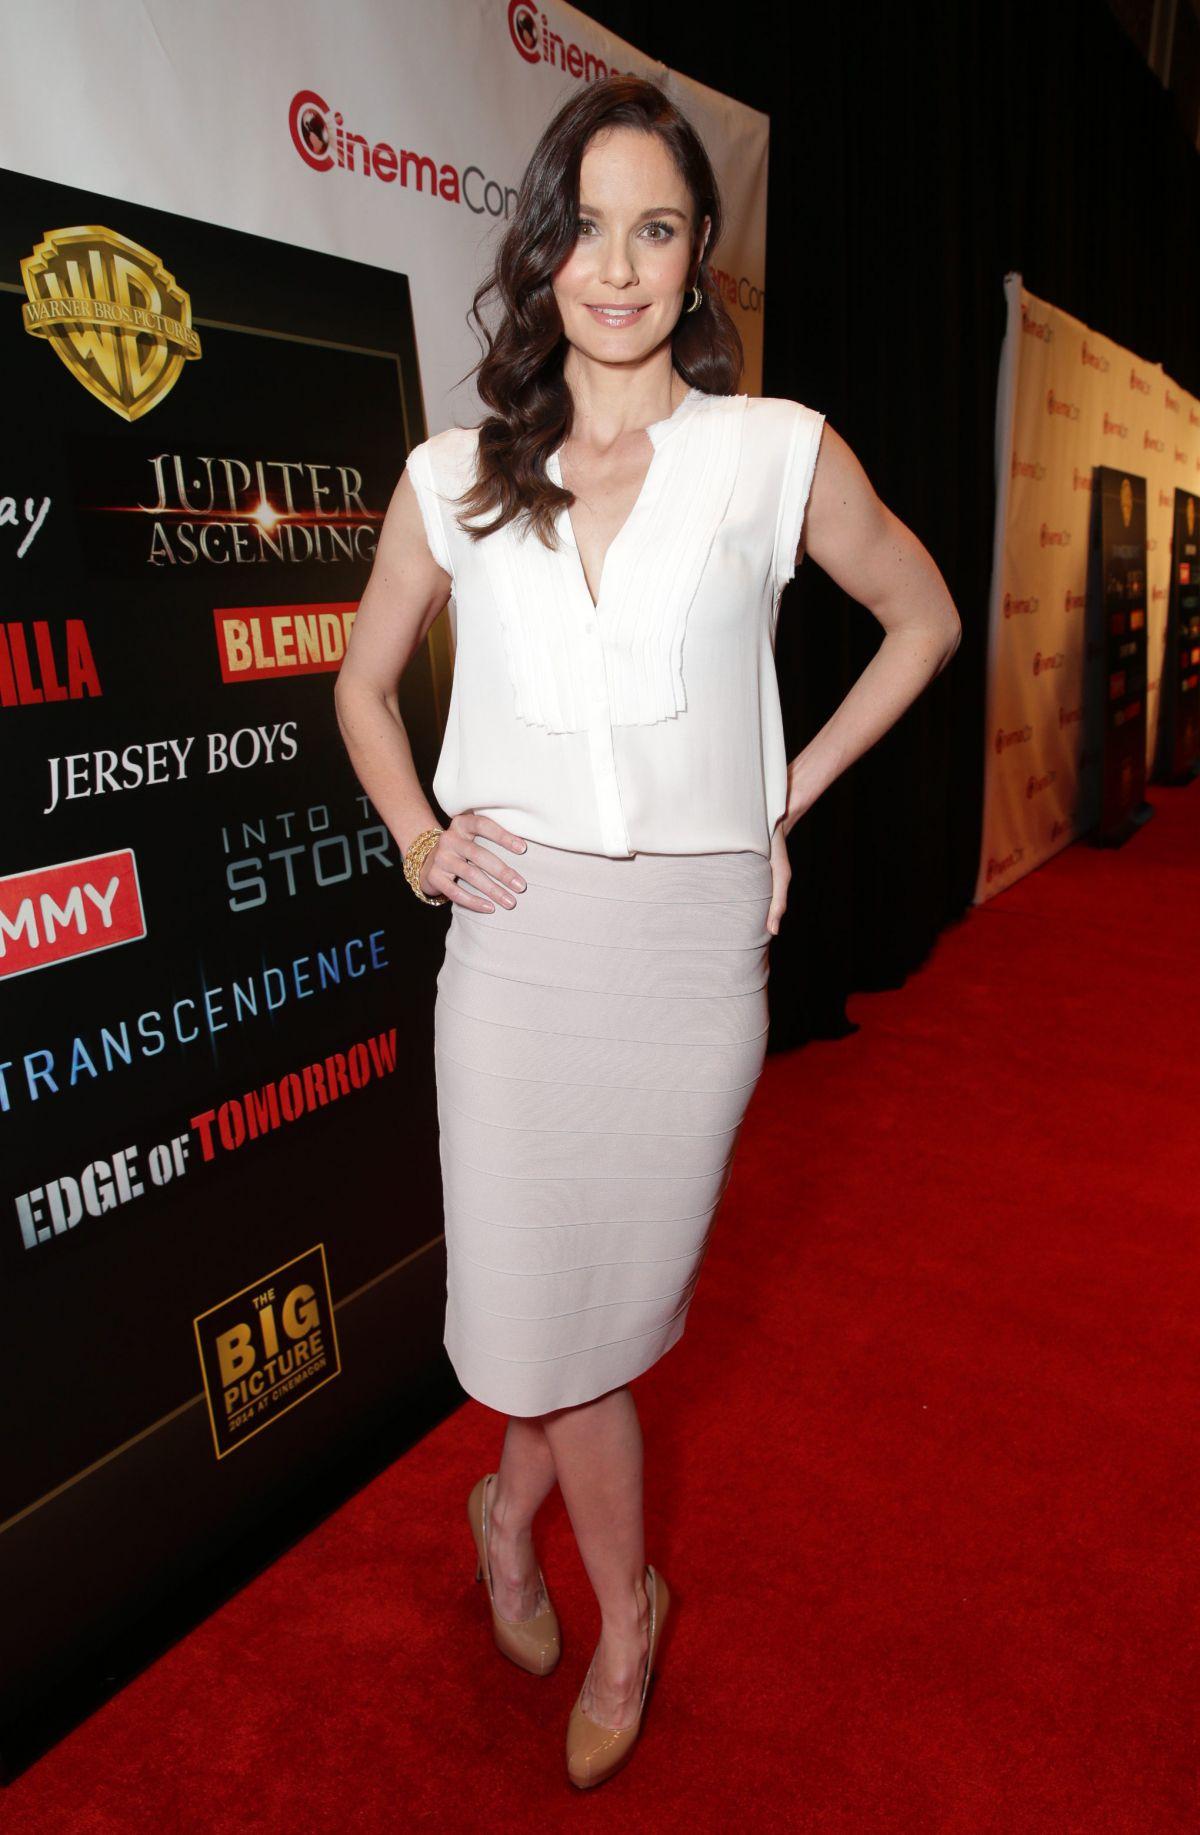 SARAH WAYNE CALLIES at 2014 Cinemacon - 189.5KB